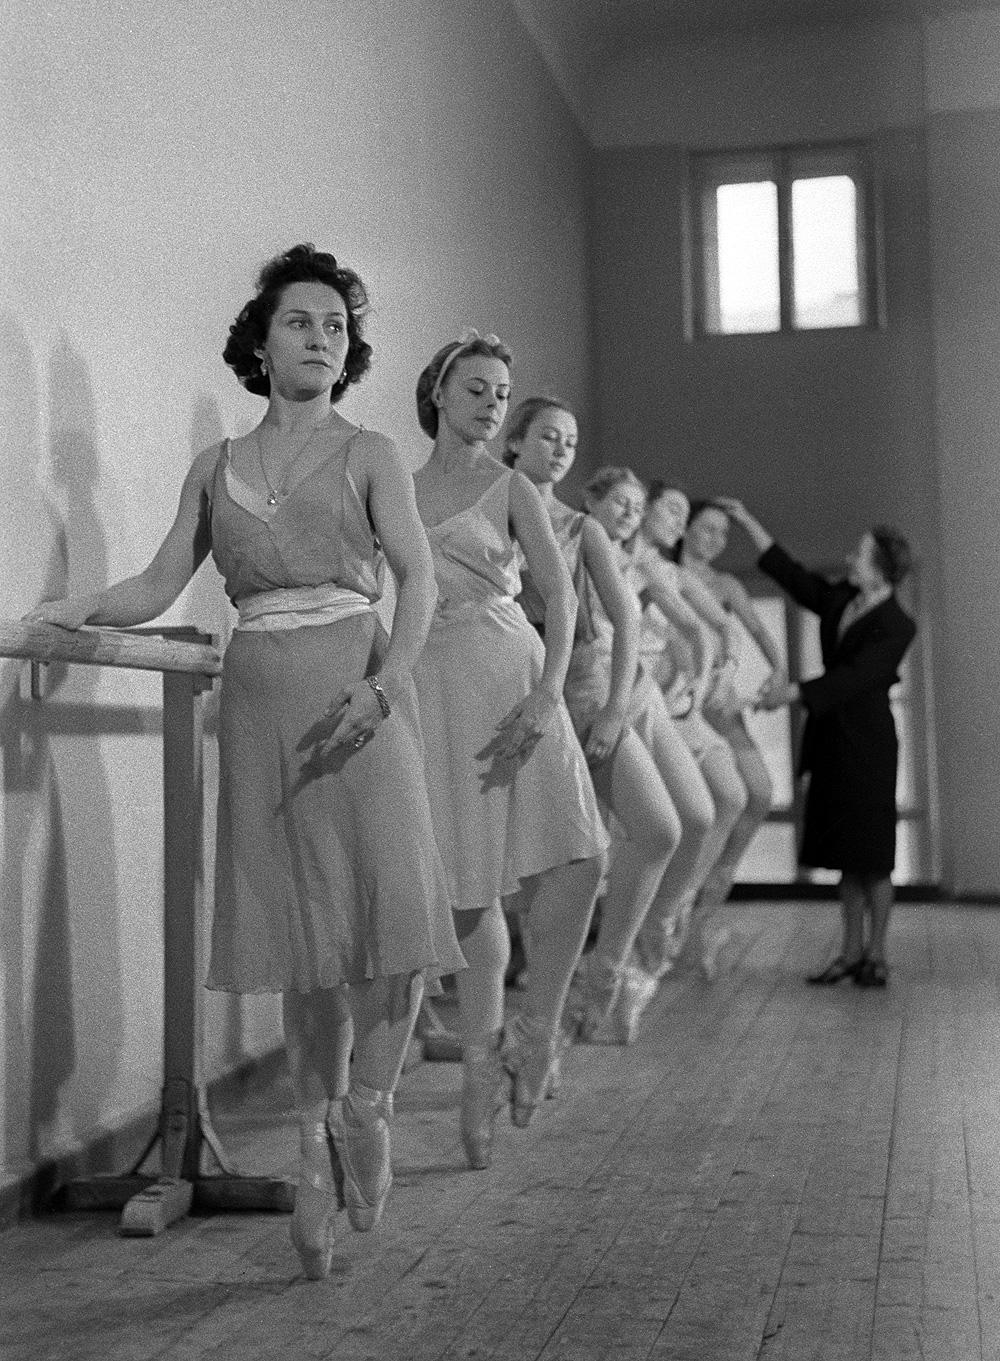 Солистка балета Государственного академического Большого театра СССР Ольга Лепешинская на занятиях у станка (первая). 1938 год.